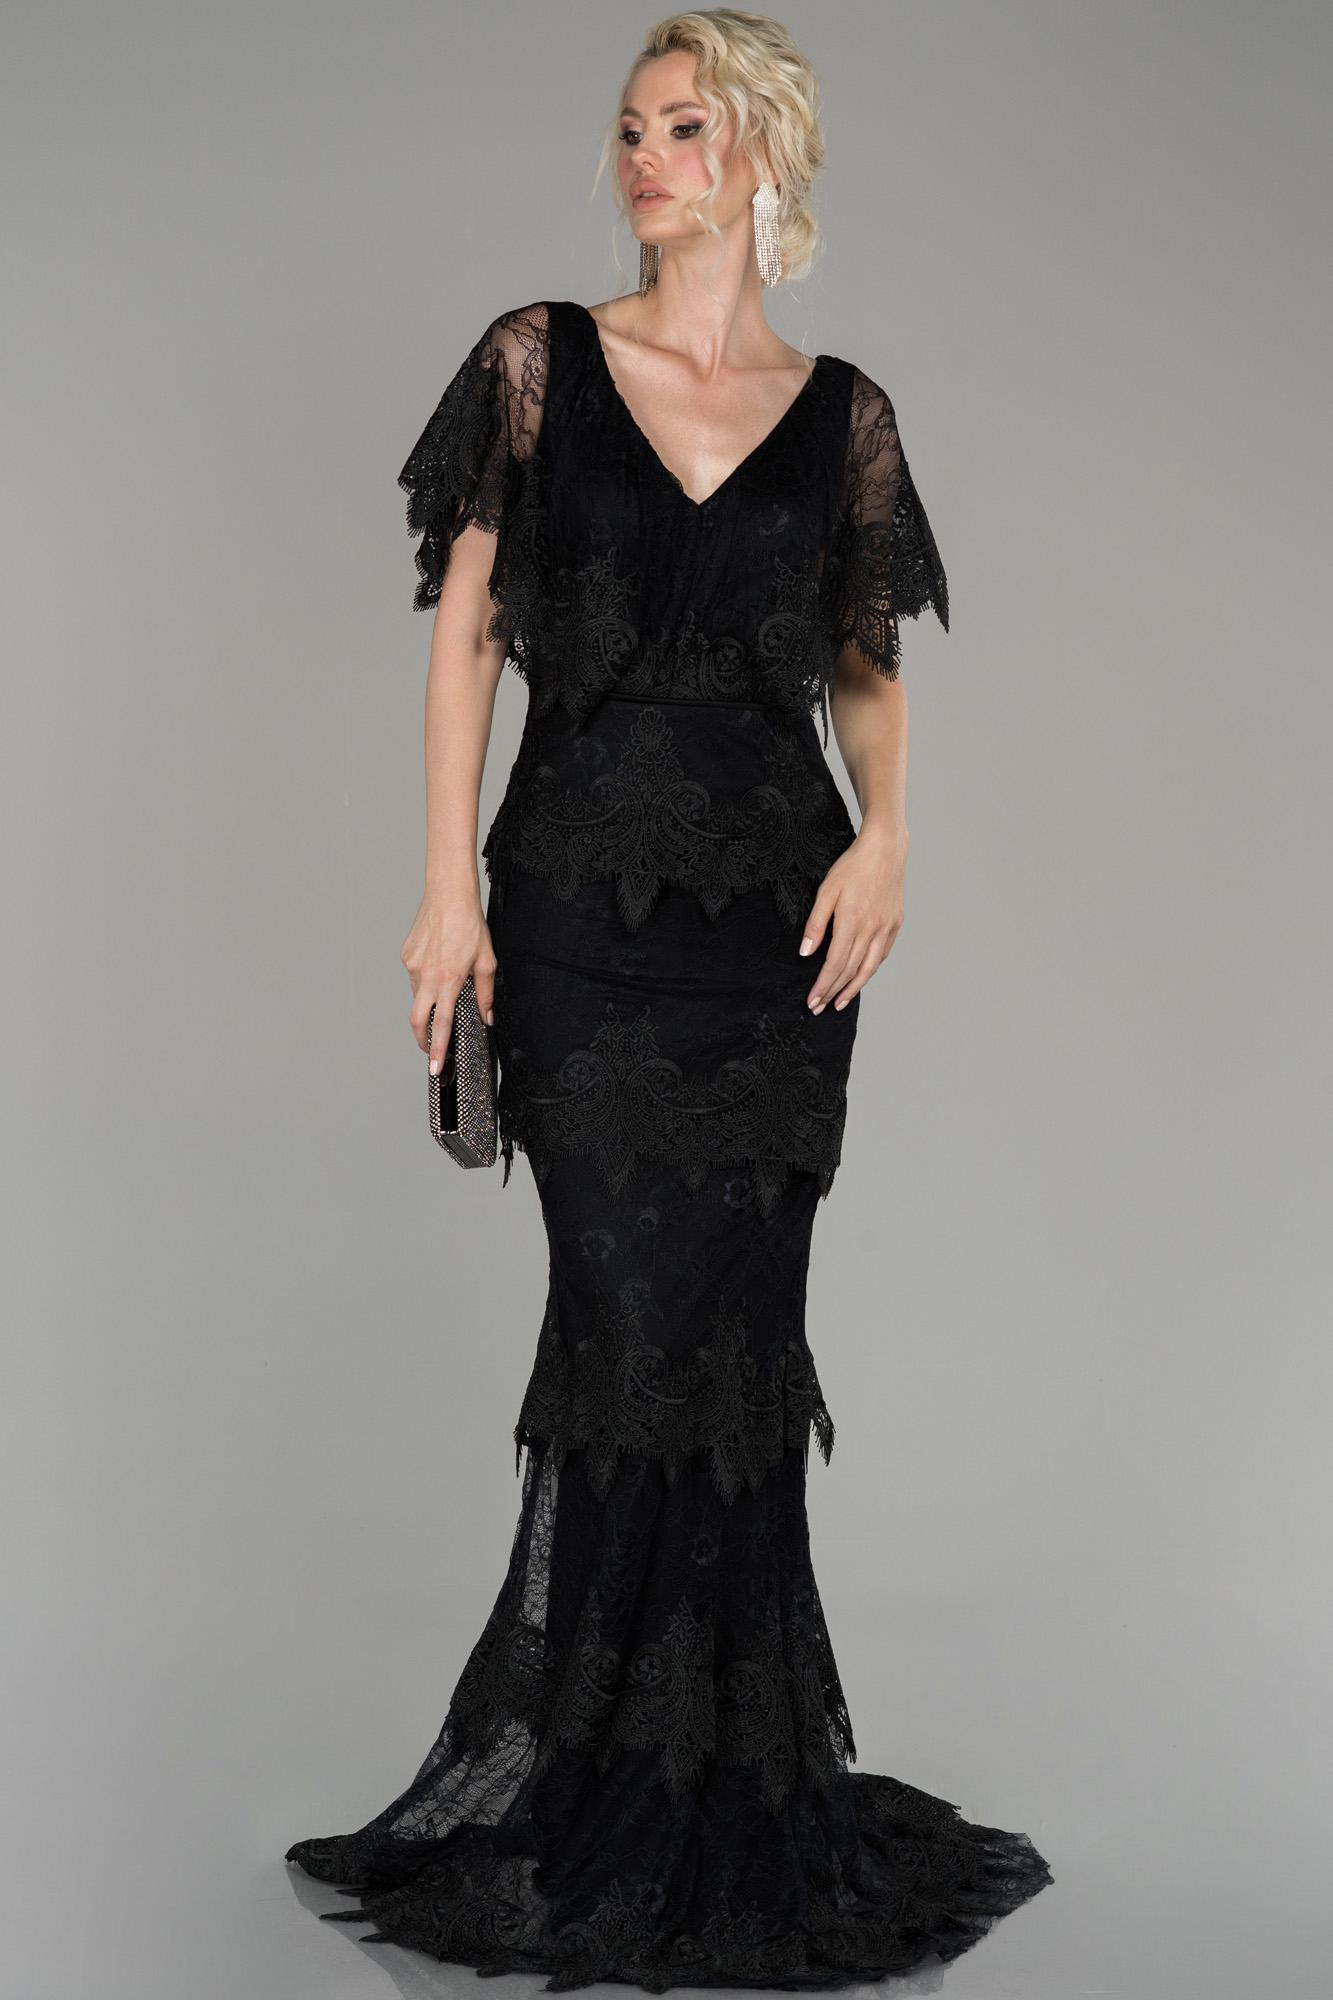 Siyah V Yaka Dantel Detaylı Balık Abiye Elbise